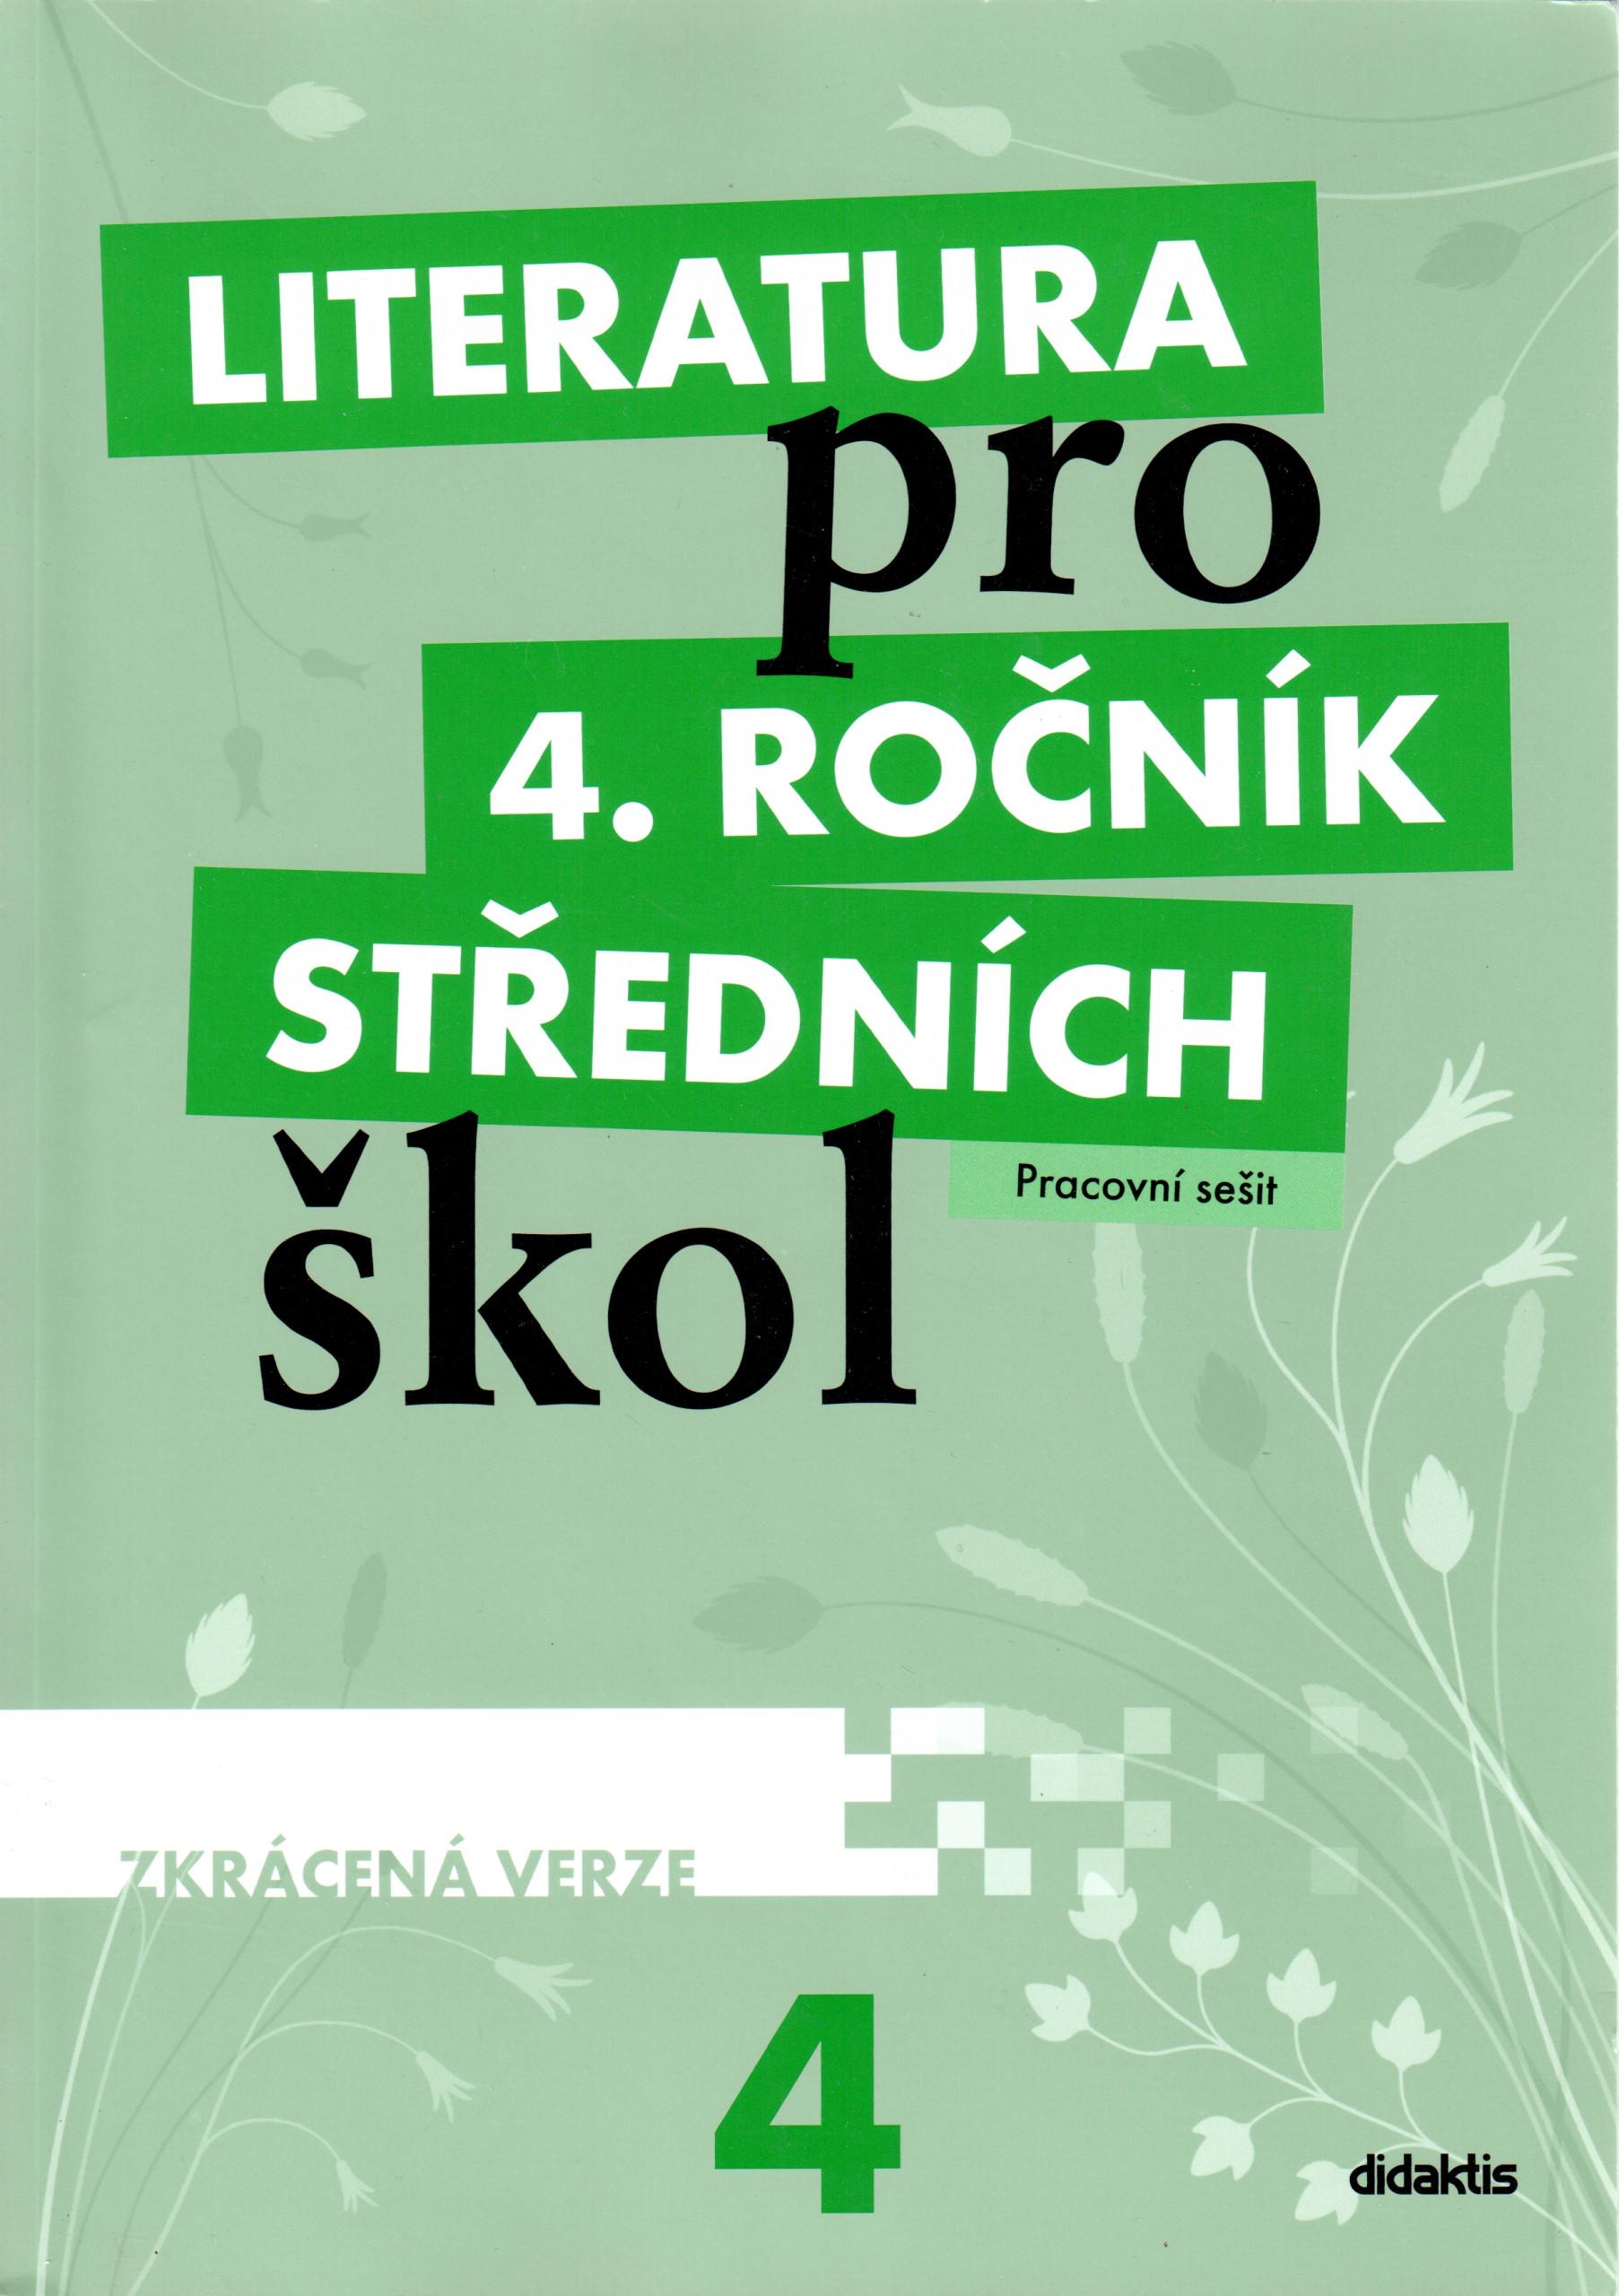 Literatura pro 4. ročník středních škol (pracovní sešit – zkrácená verze) - Náhled učebnice